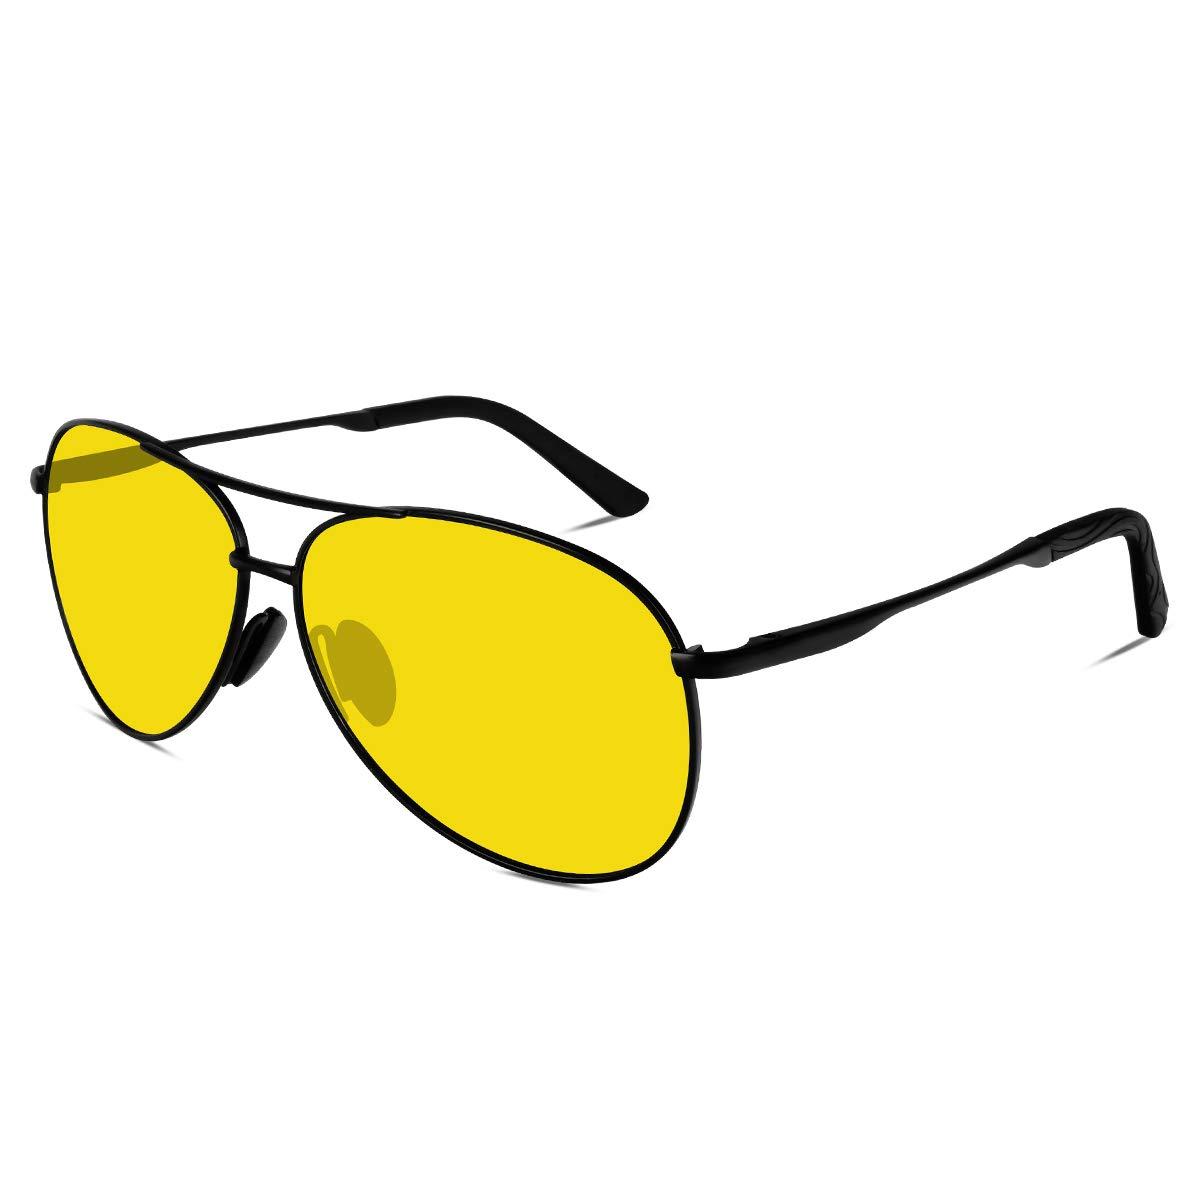 9326262cf4 VVA Lunette de soleil Homme Polarisées Aviateur Polarisées Lunettes de  soleil Hommes Unisexe UV400 Protection By